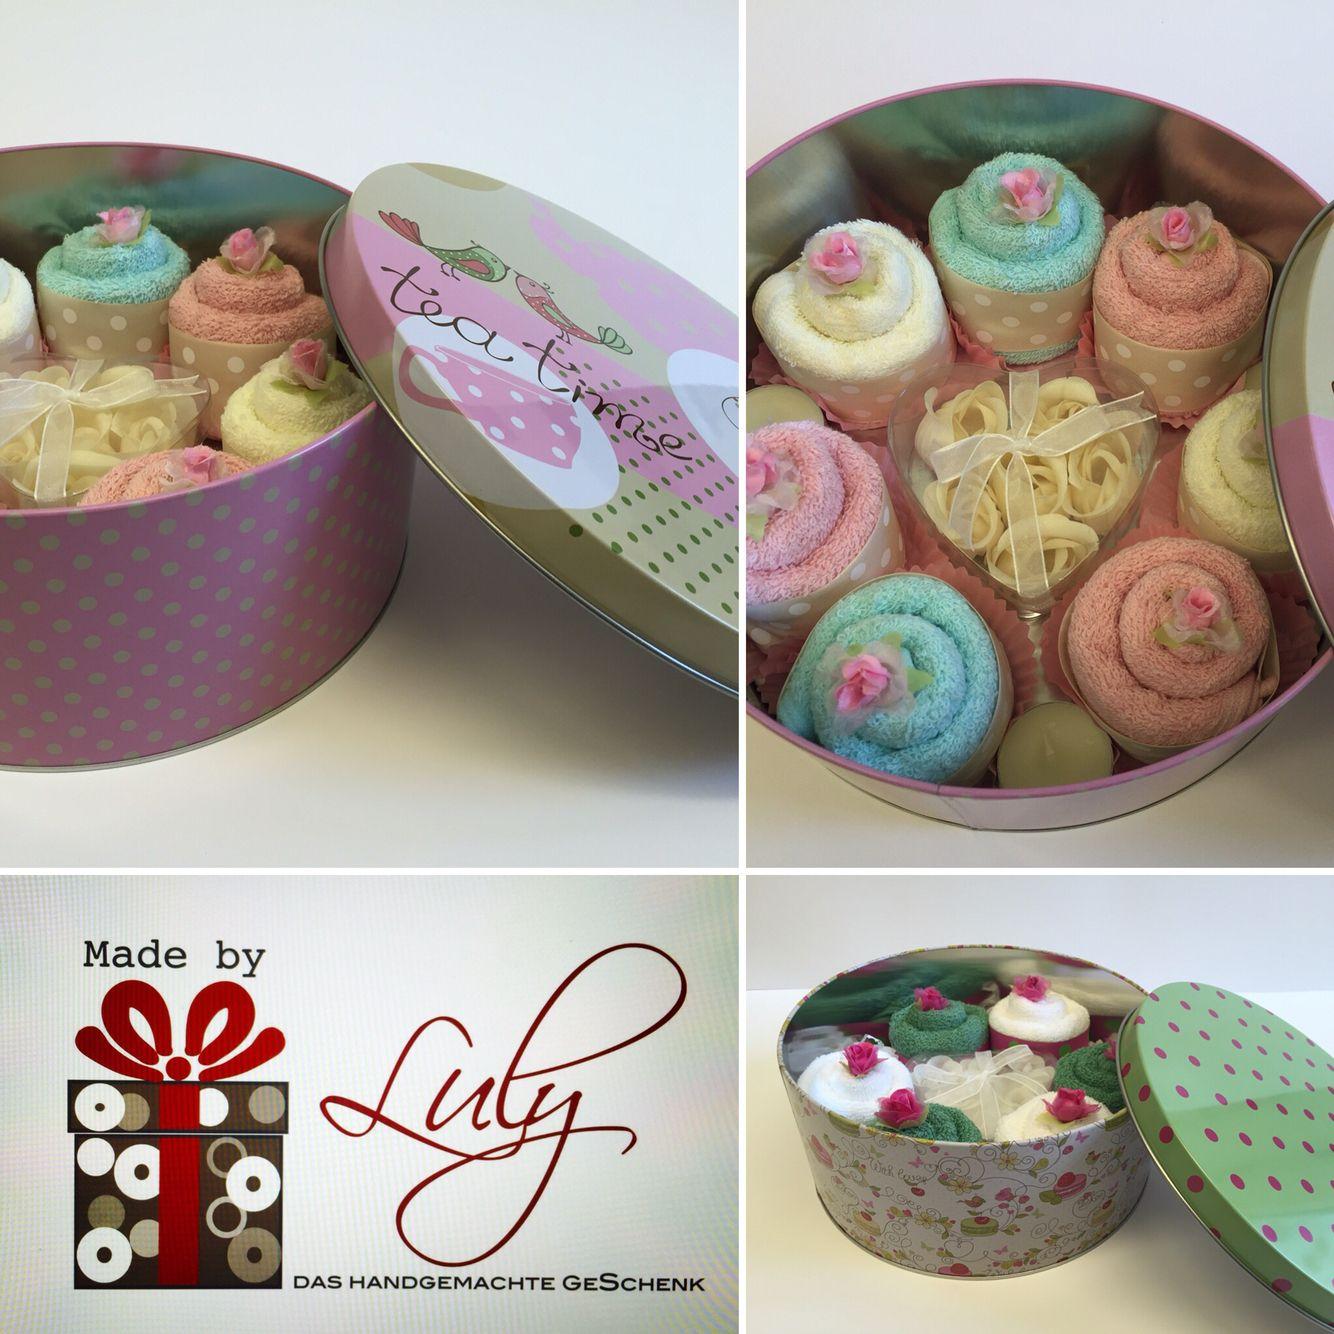 handgemachte Geschenk für Sie Cupcakes aus Tücher www.facebook.com/madebyLuly